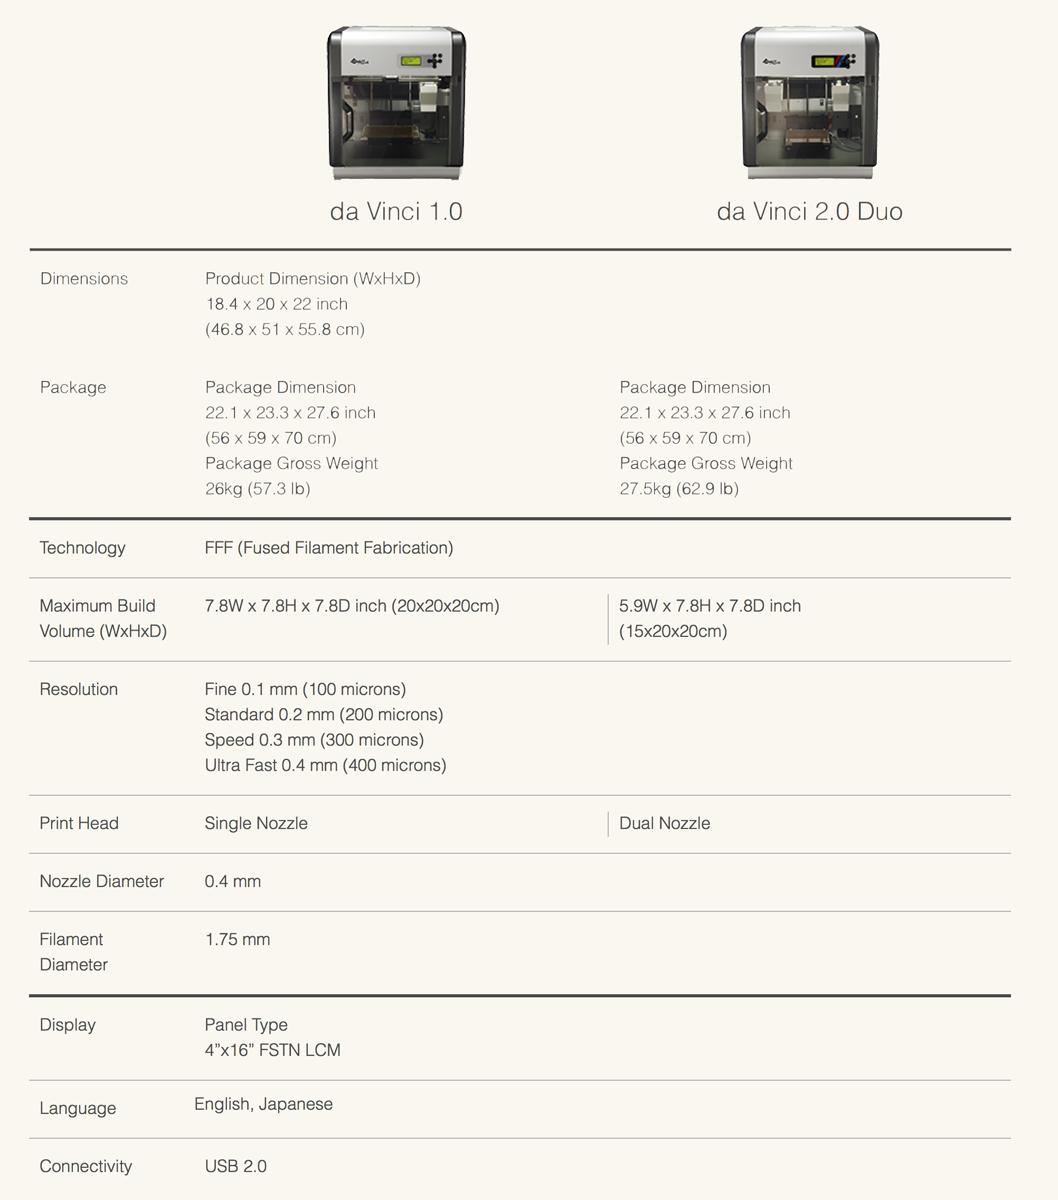 da vinci 1.0 and 2.0 3D printer comparison